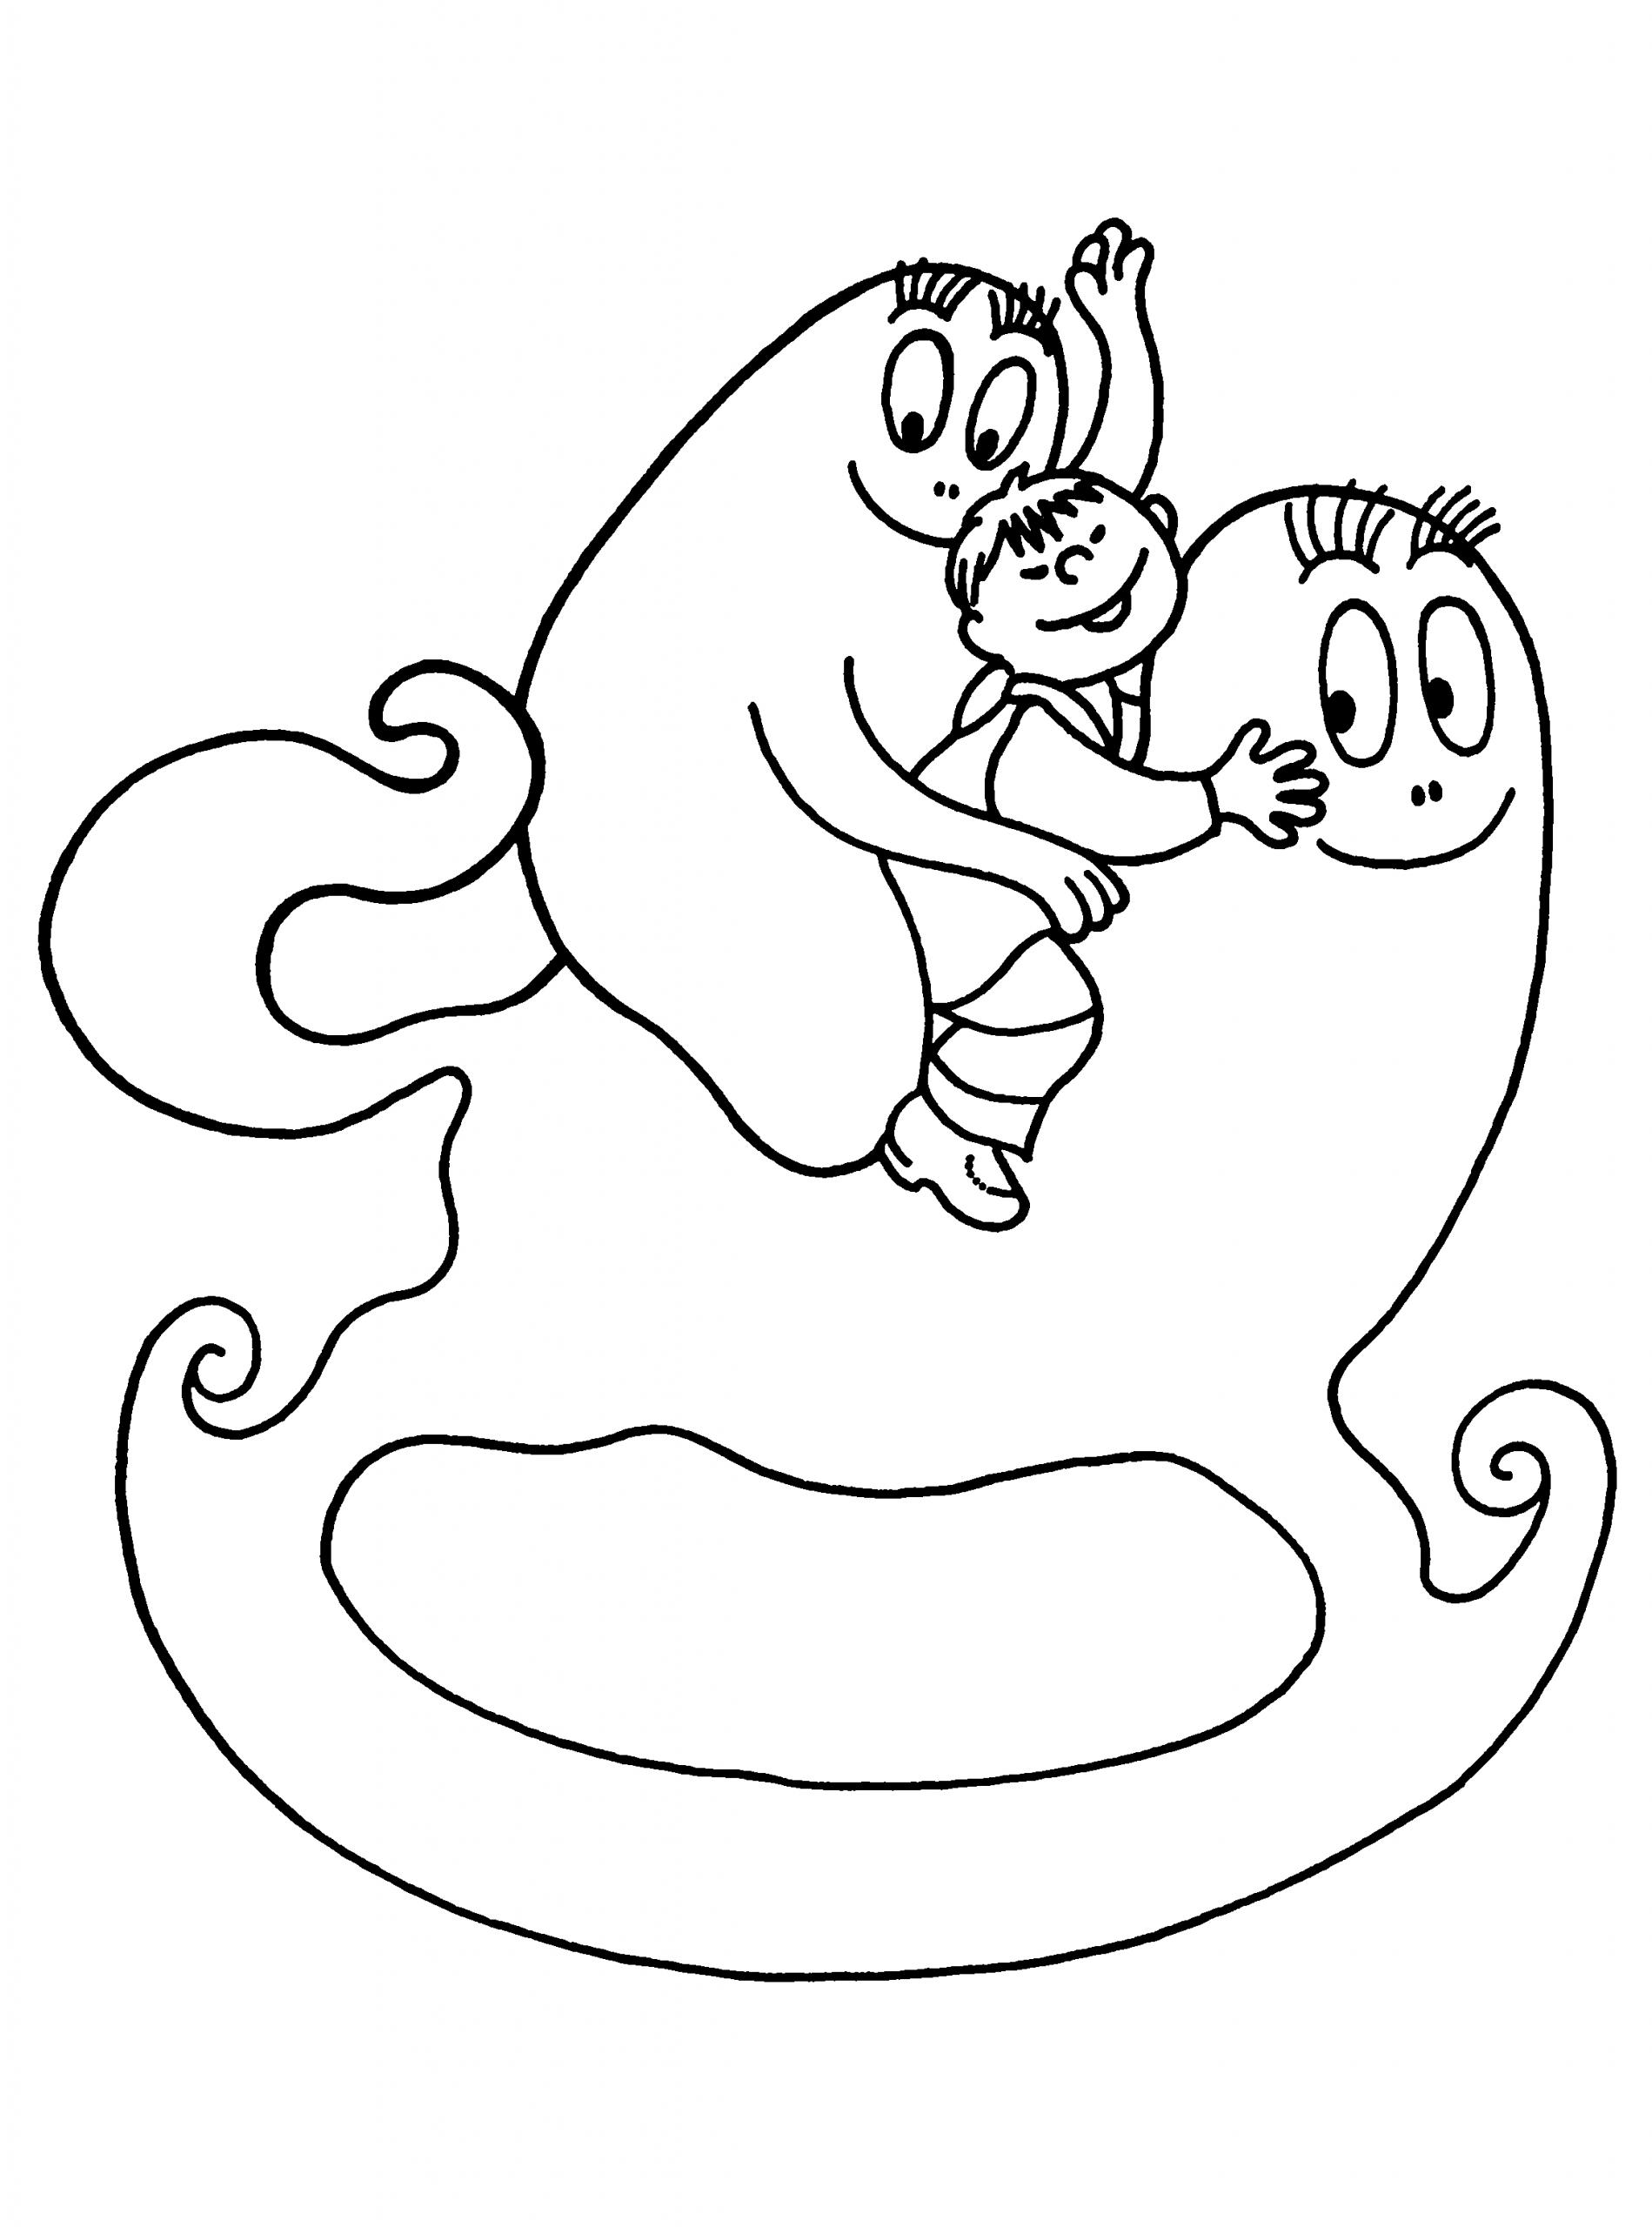 Coloriage Barbapapa Dessin Animé À Imprimer avec Coloriage Barbapapa À Imprimer Gratuit